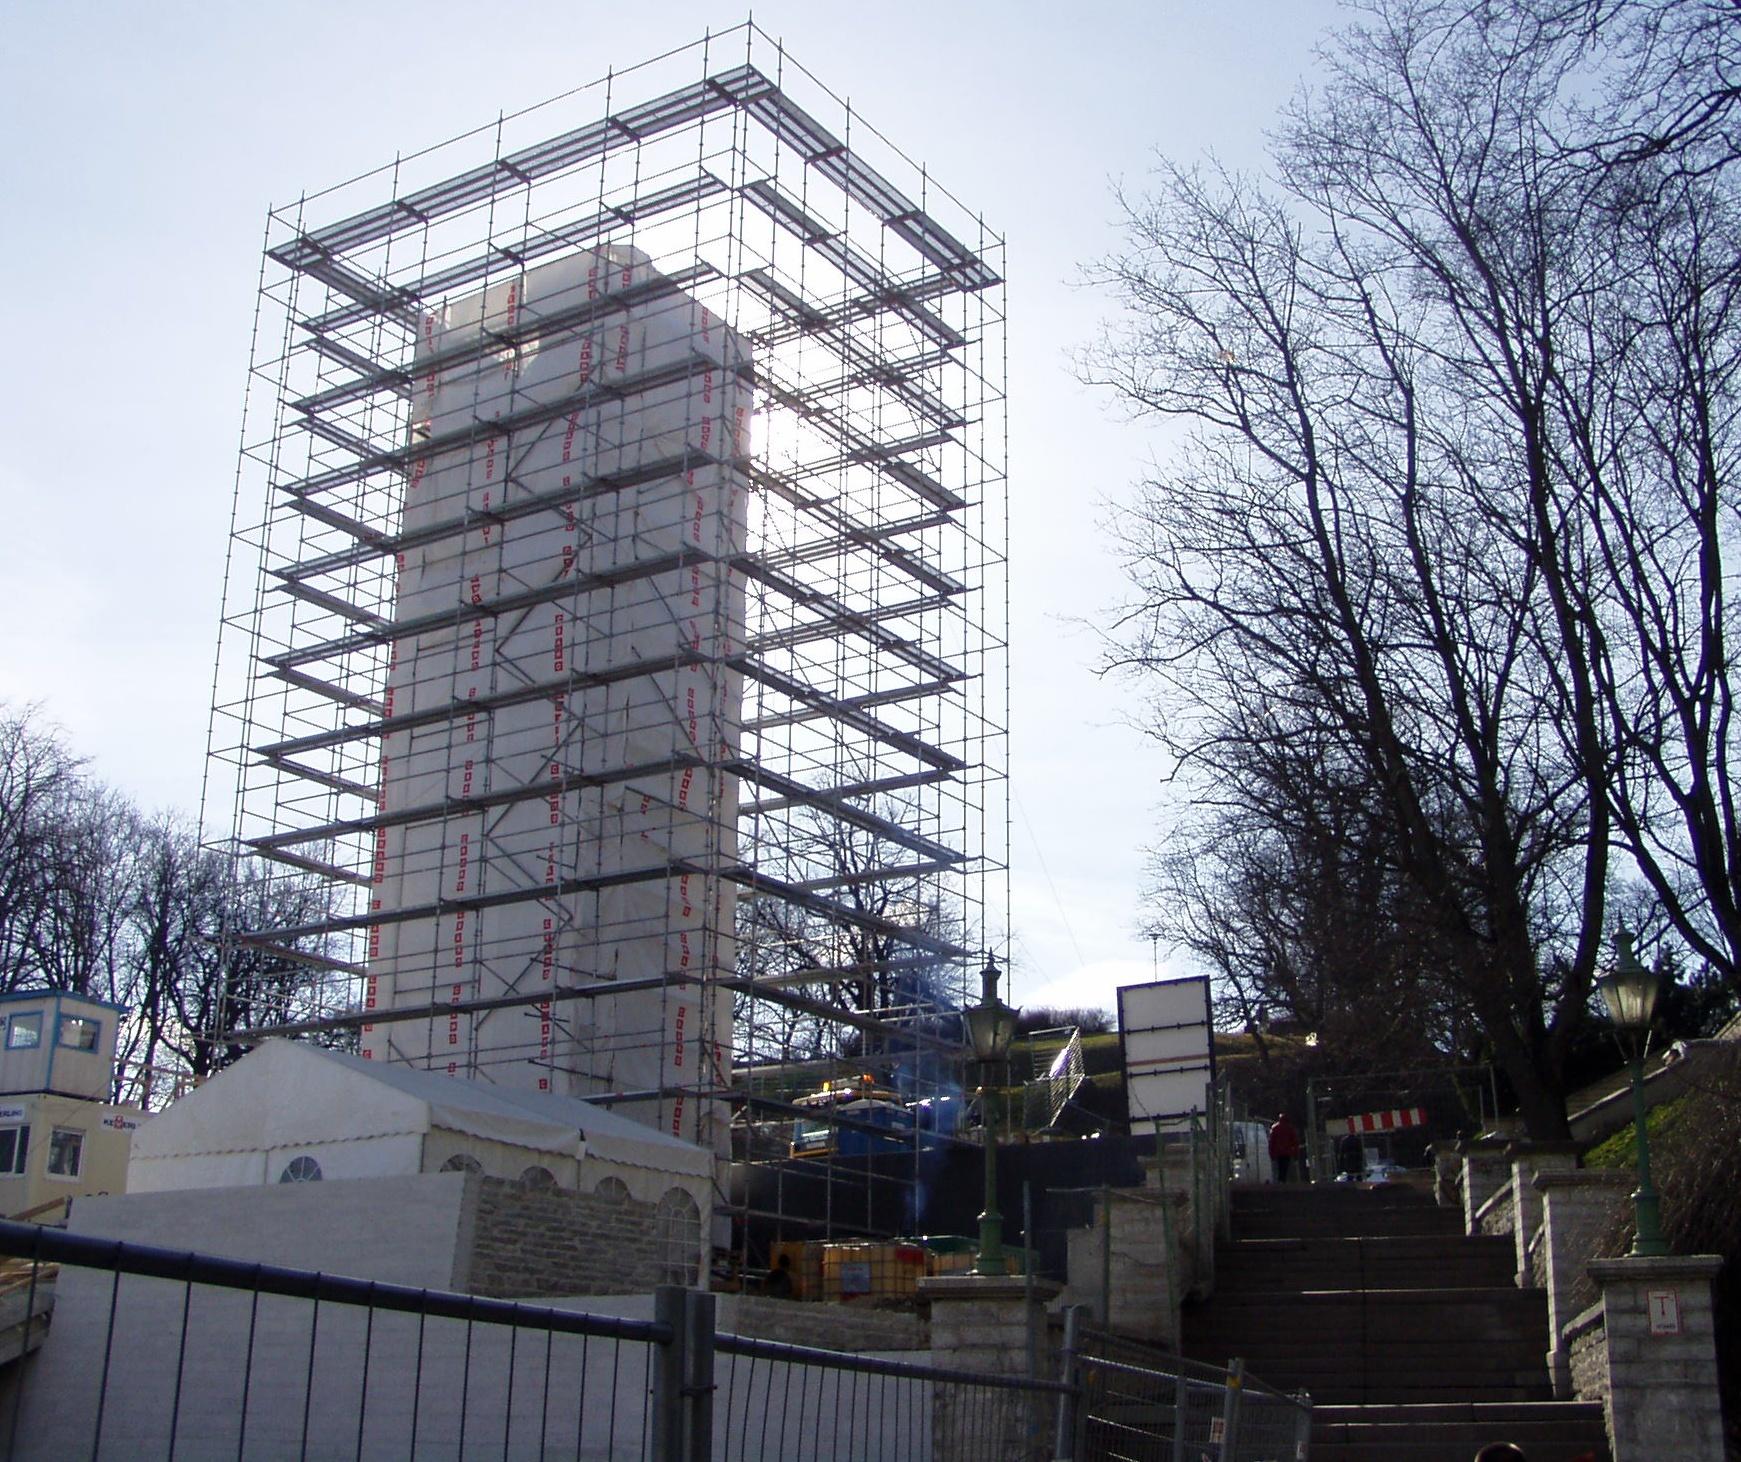 Vaade Harjumäe treppidele ja Vabadussõja monumendile, mille autor, ehitaja ja tellija on Isamaa ja Res Publica liidust ning mis maksab 3,5 miljonit krooni meetri eest. Foto Virgo Kruve